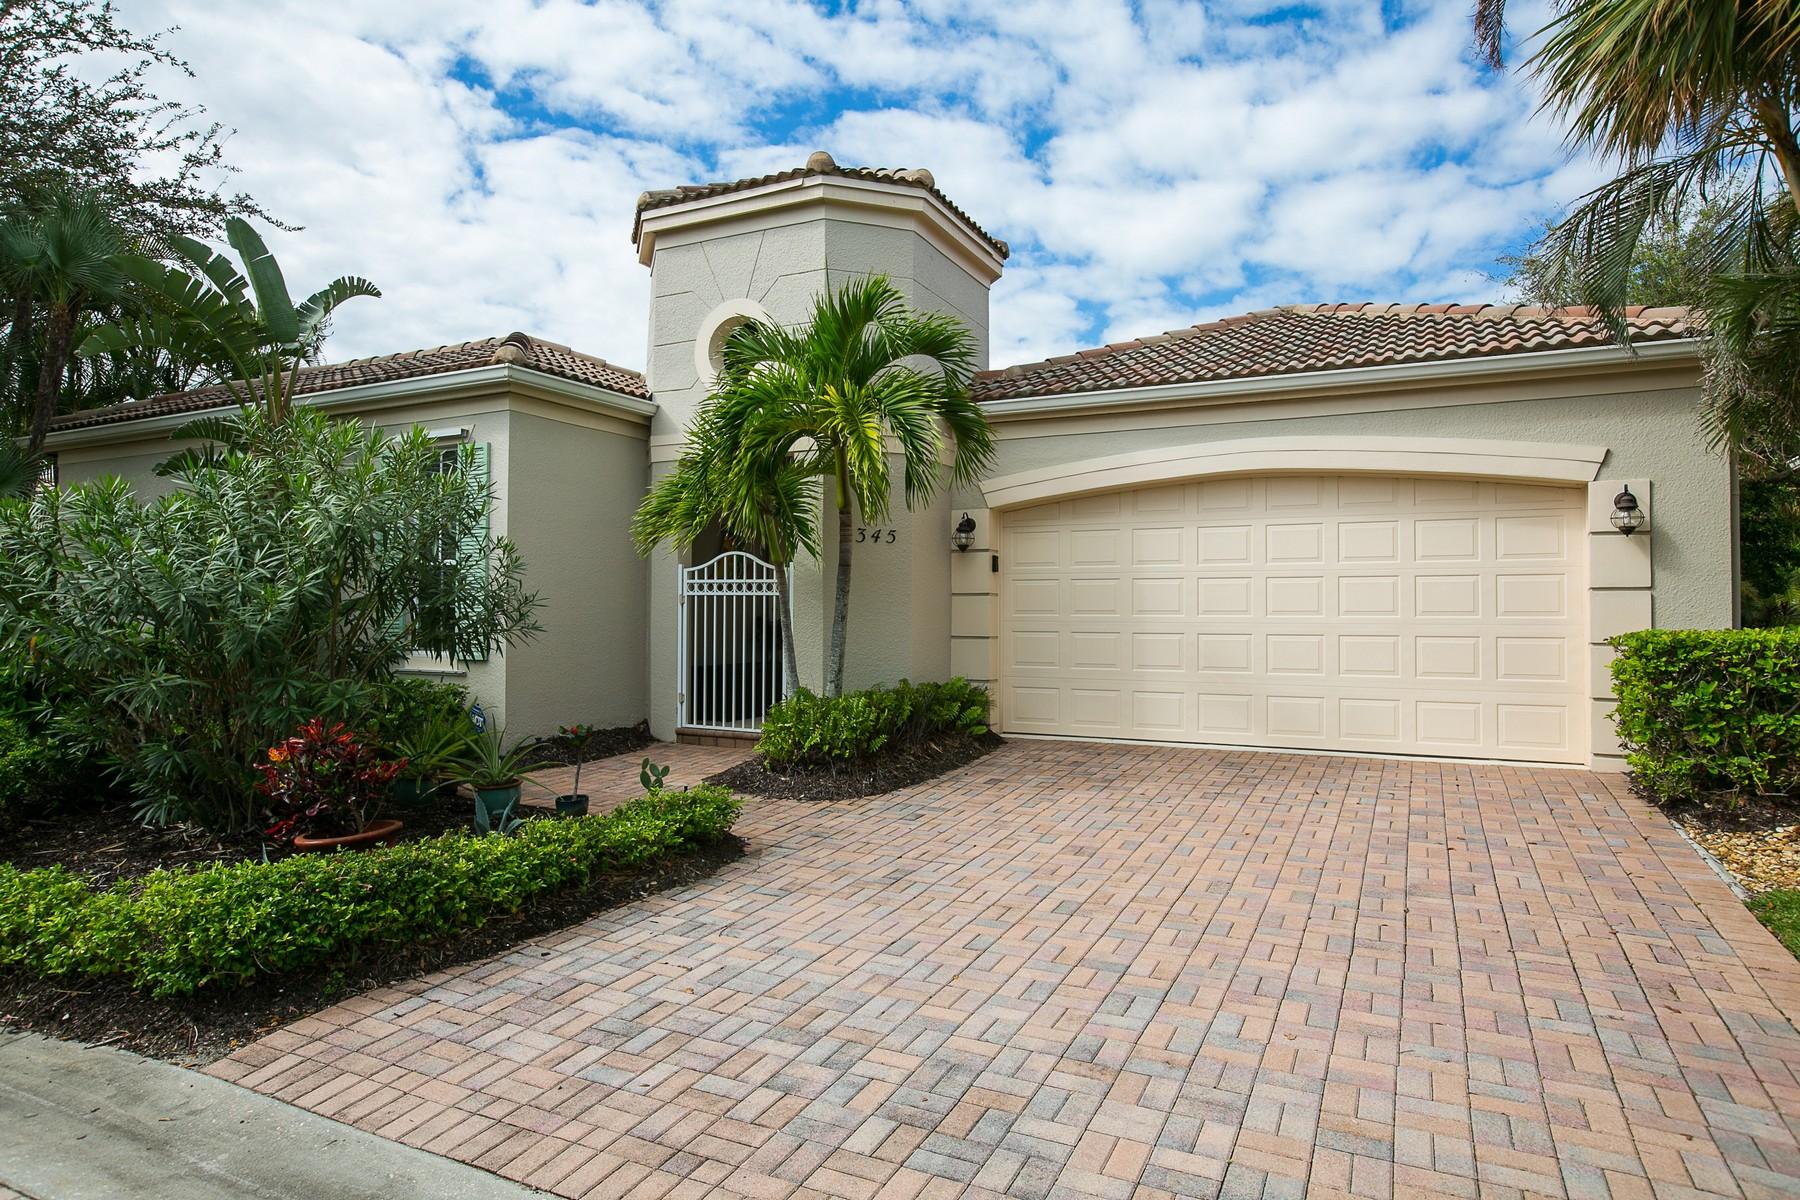 Частный односемейный дом для того Продажа на Stunning Home in Old Orchid 9345 W Maiden Court, Vero Beach, Флорида, 32963 Соединенные Штаты